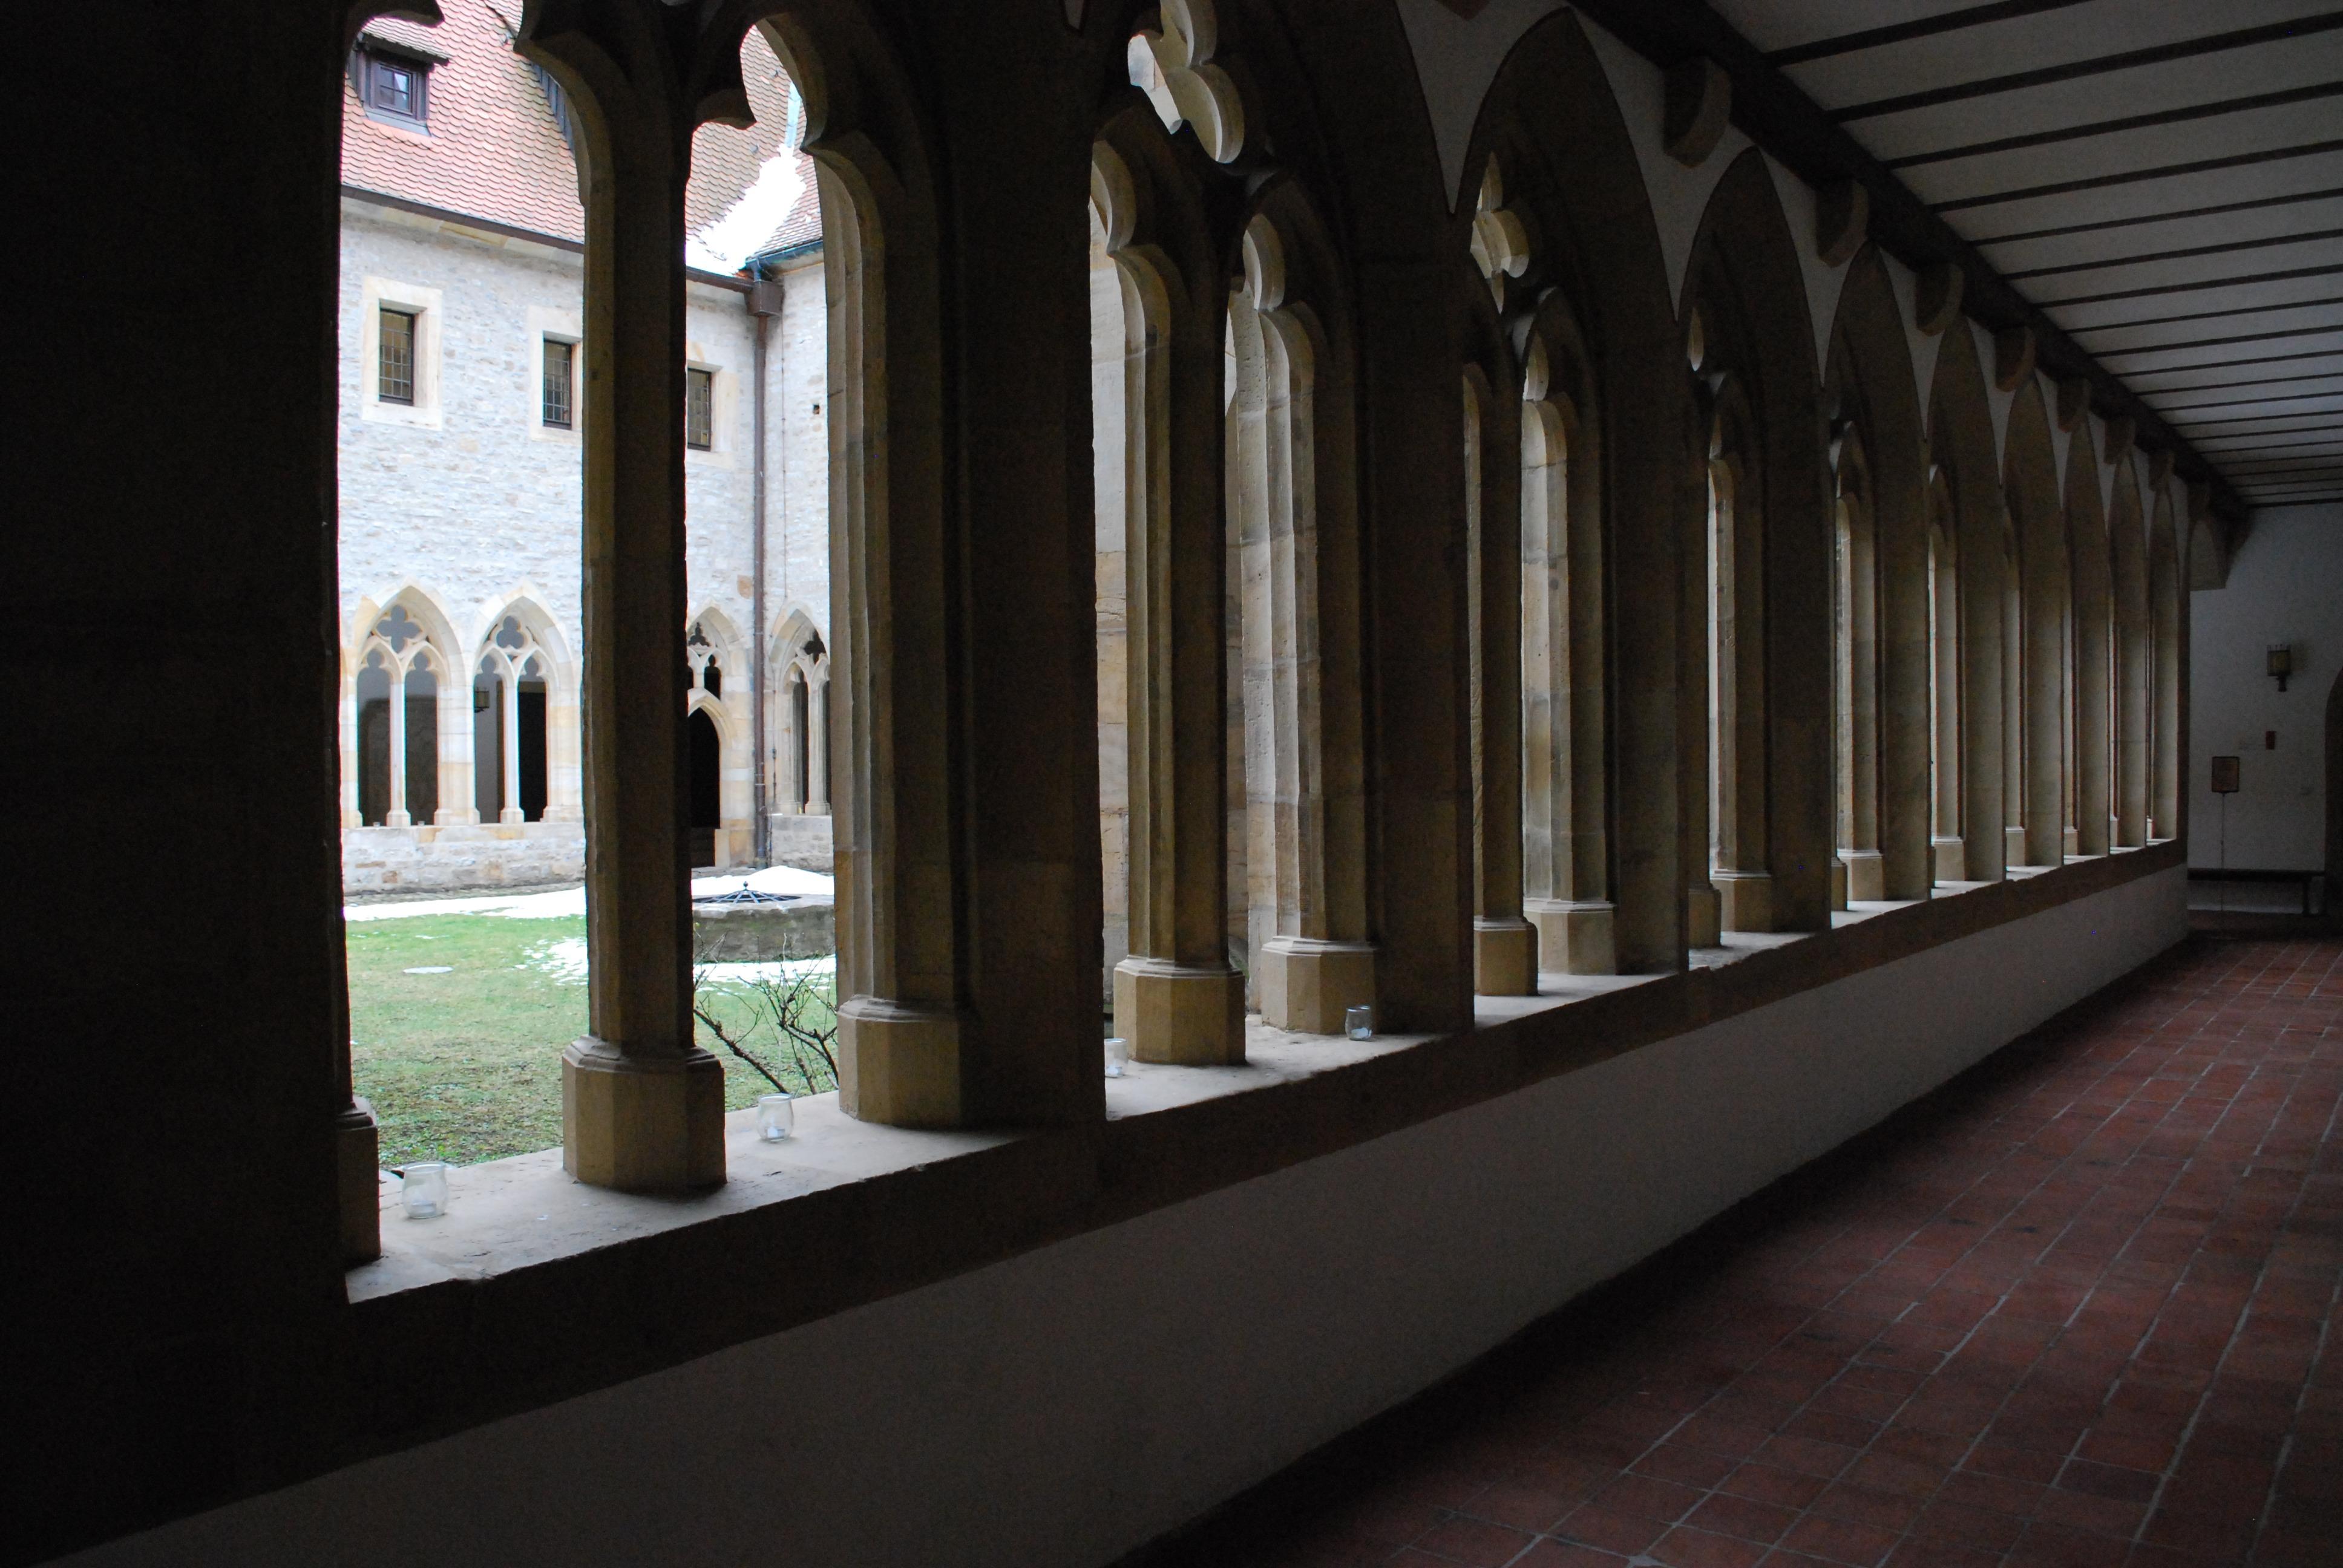 Innenarchitektur Halle kostenlose foto die architektur gebäude halle kirche